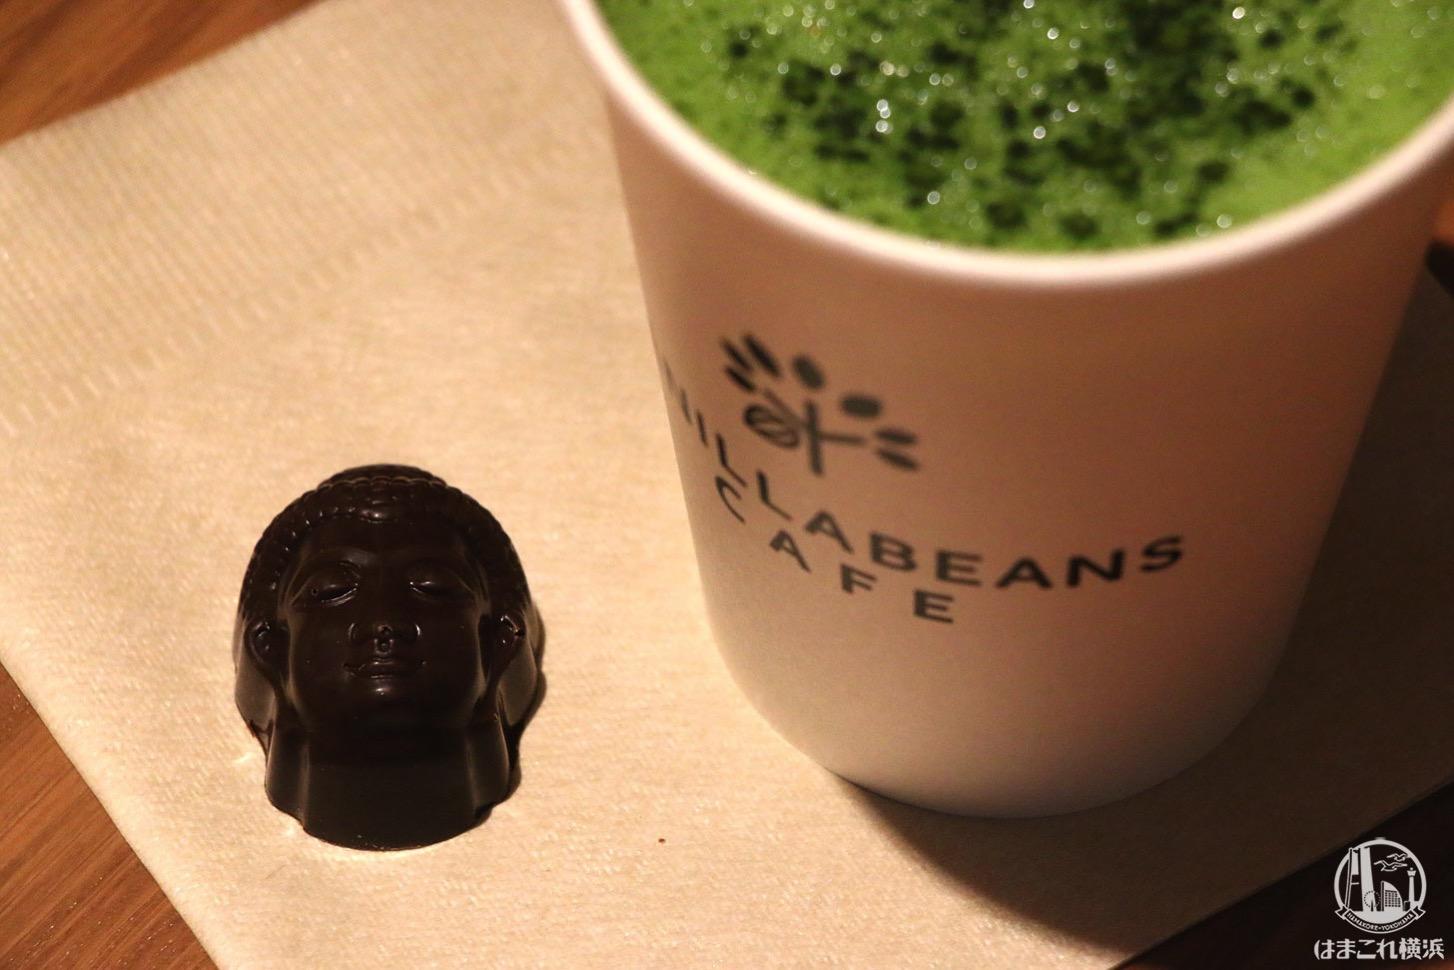 バニラビーンズ 鎌倉店 ブッダチョコレート